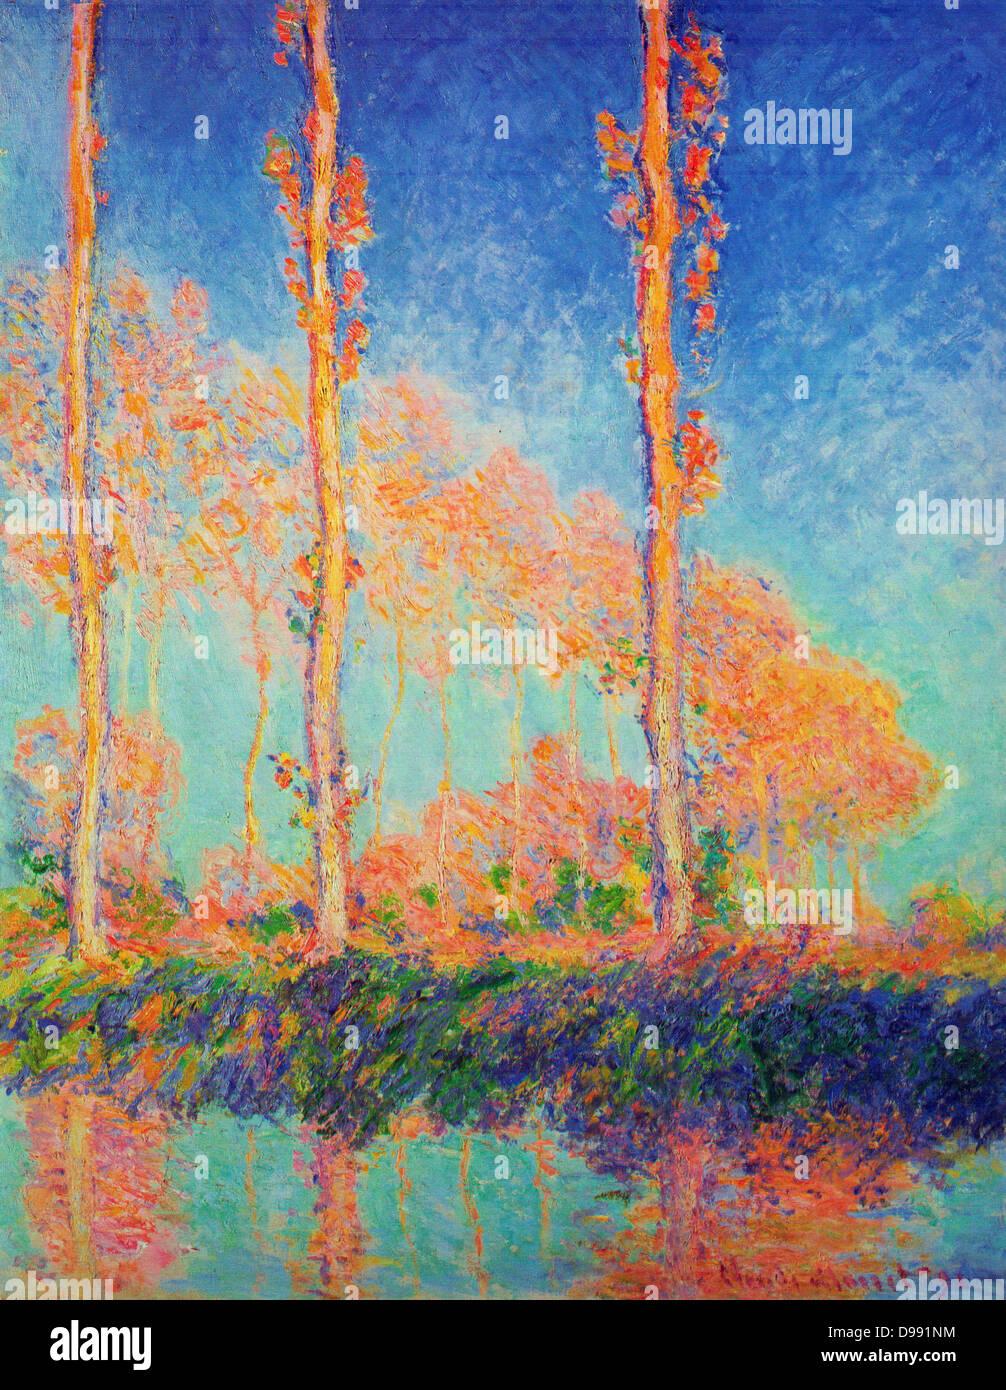 Claude Monet Pappeln Herbst 1891 Die Pappel Serie Gemalde Von Claude Monet Im Sommer Und Herbst 1891 Die Prachtigen Baume Wurden In Einem Sumpf An Den Ufern Des Flusses Epte Wenige Kilometer